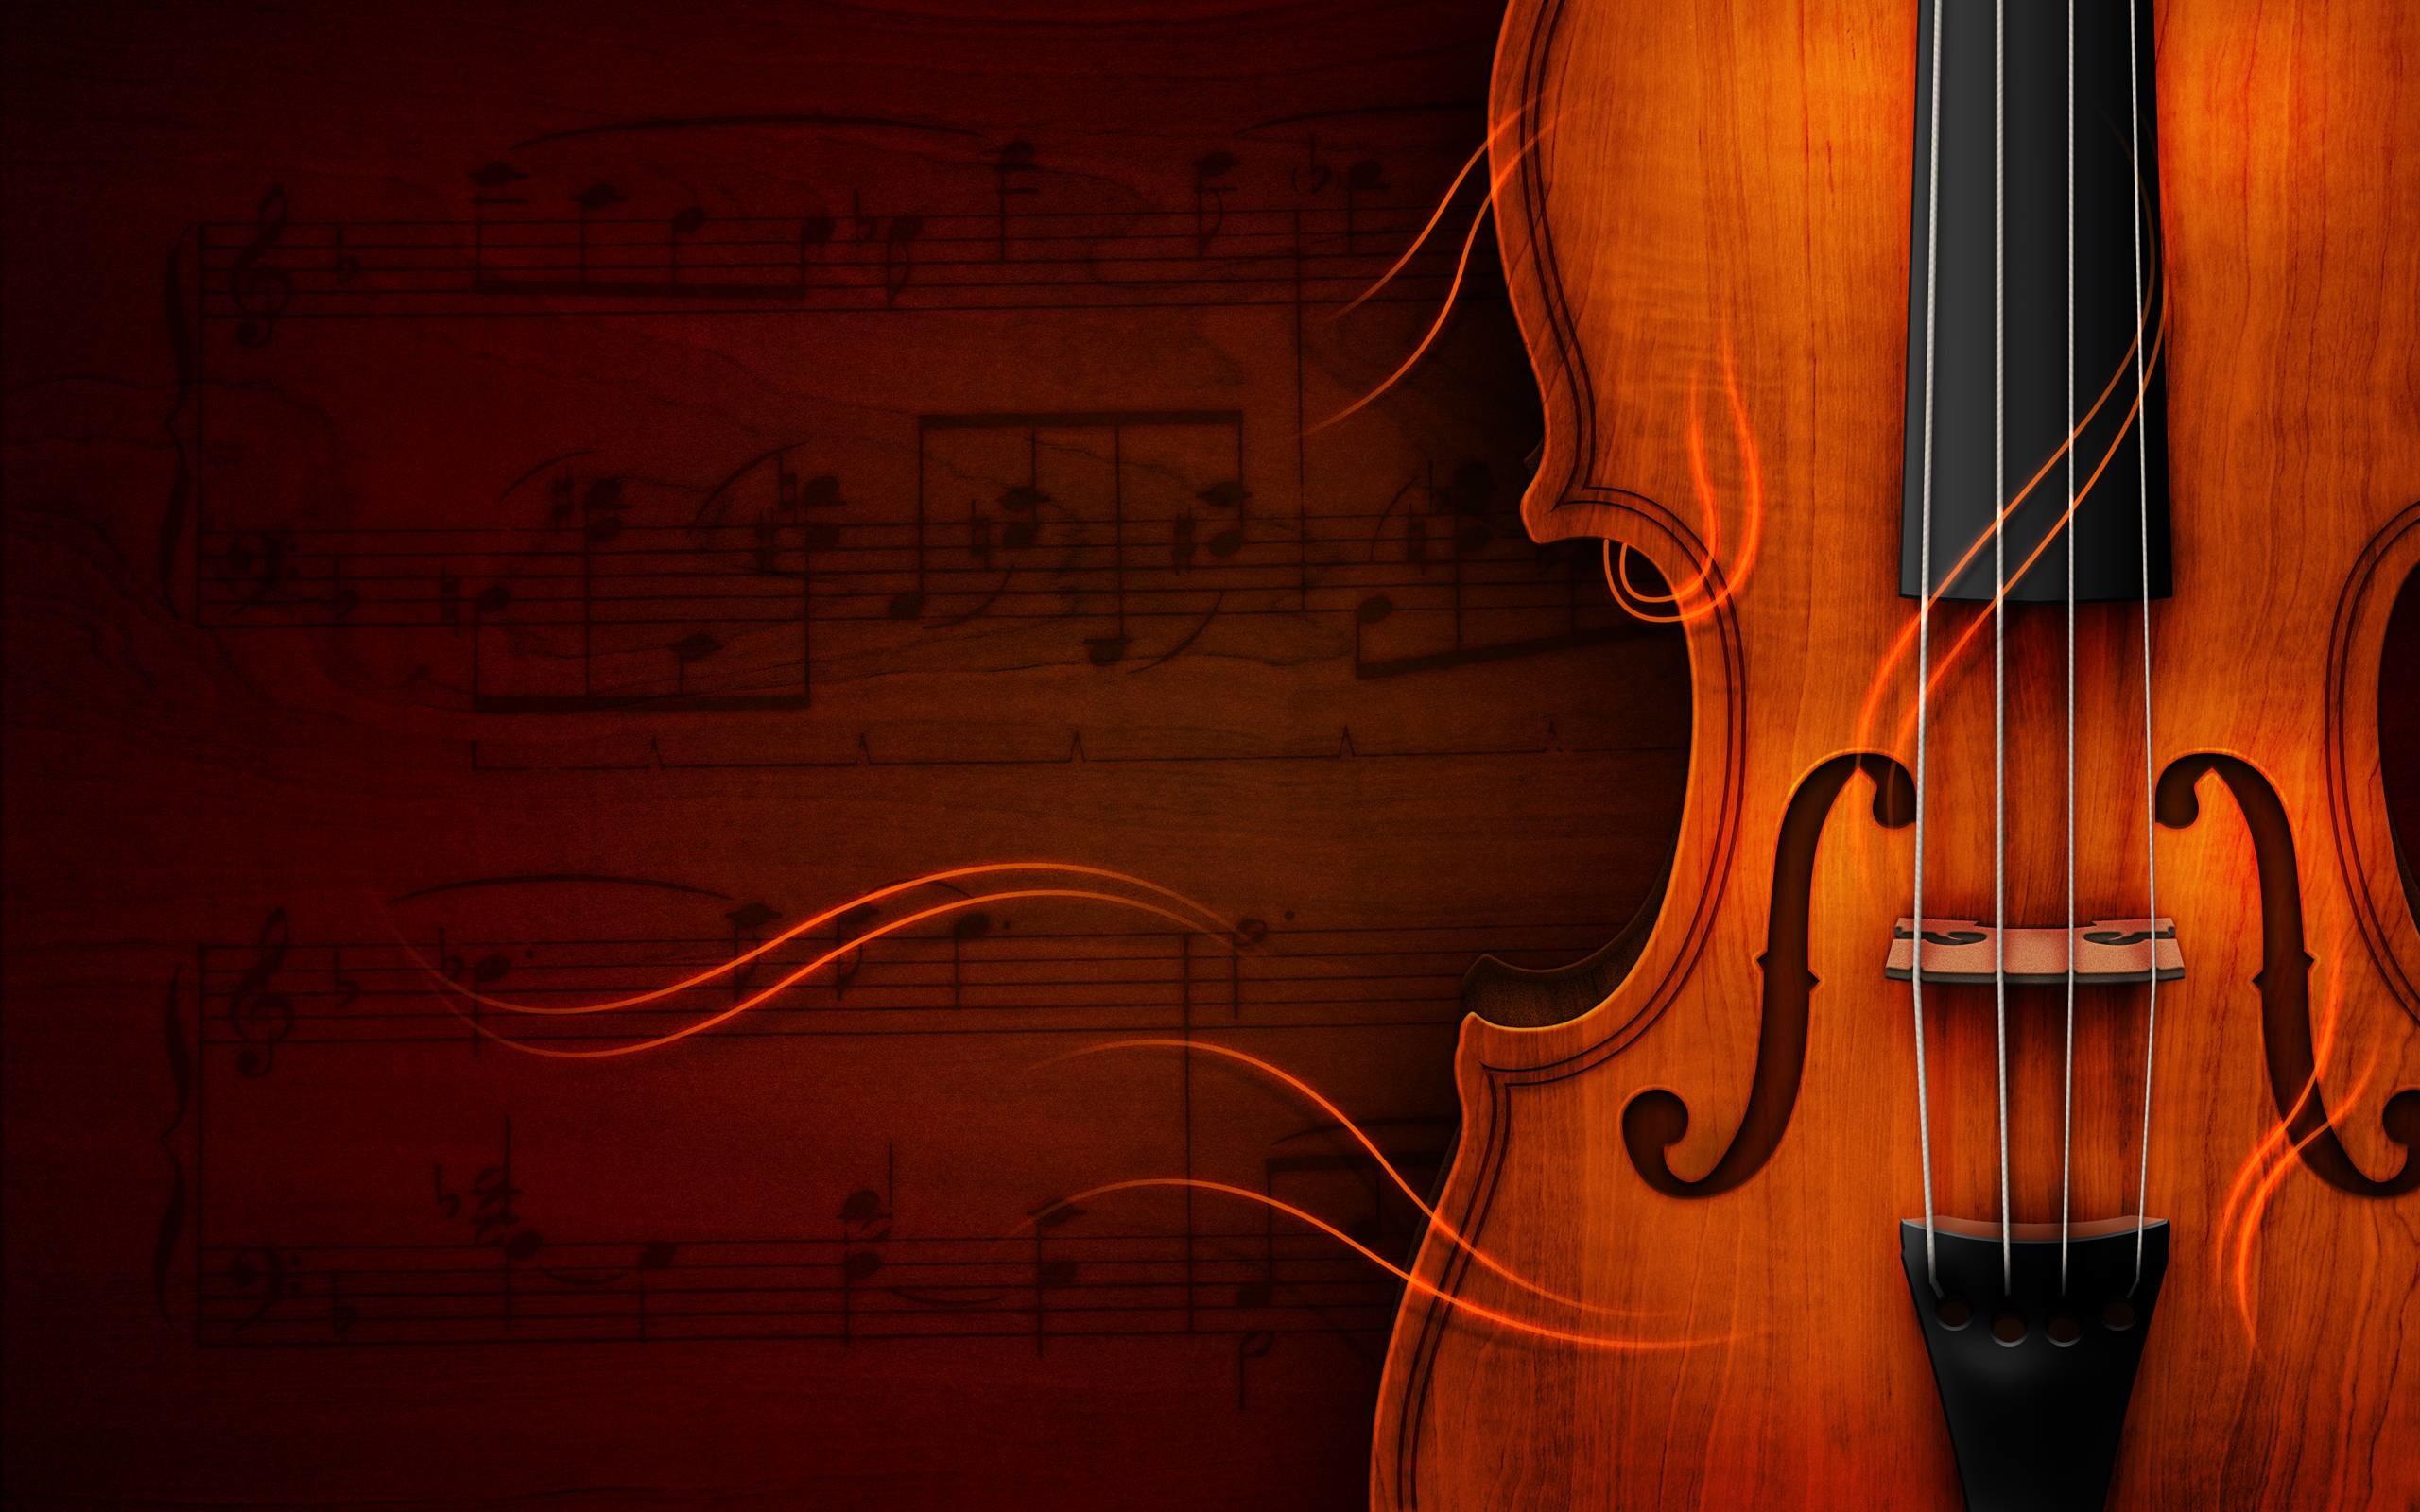 Piano And Violin Wallpaper 62 Images